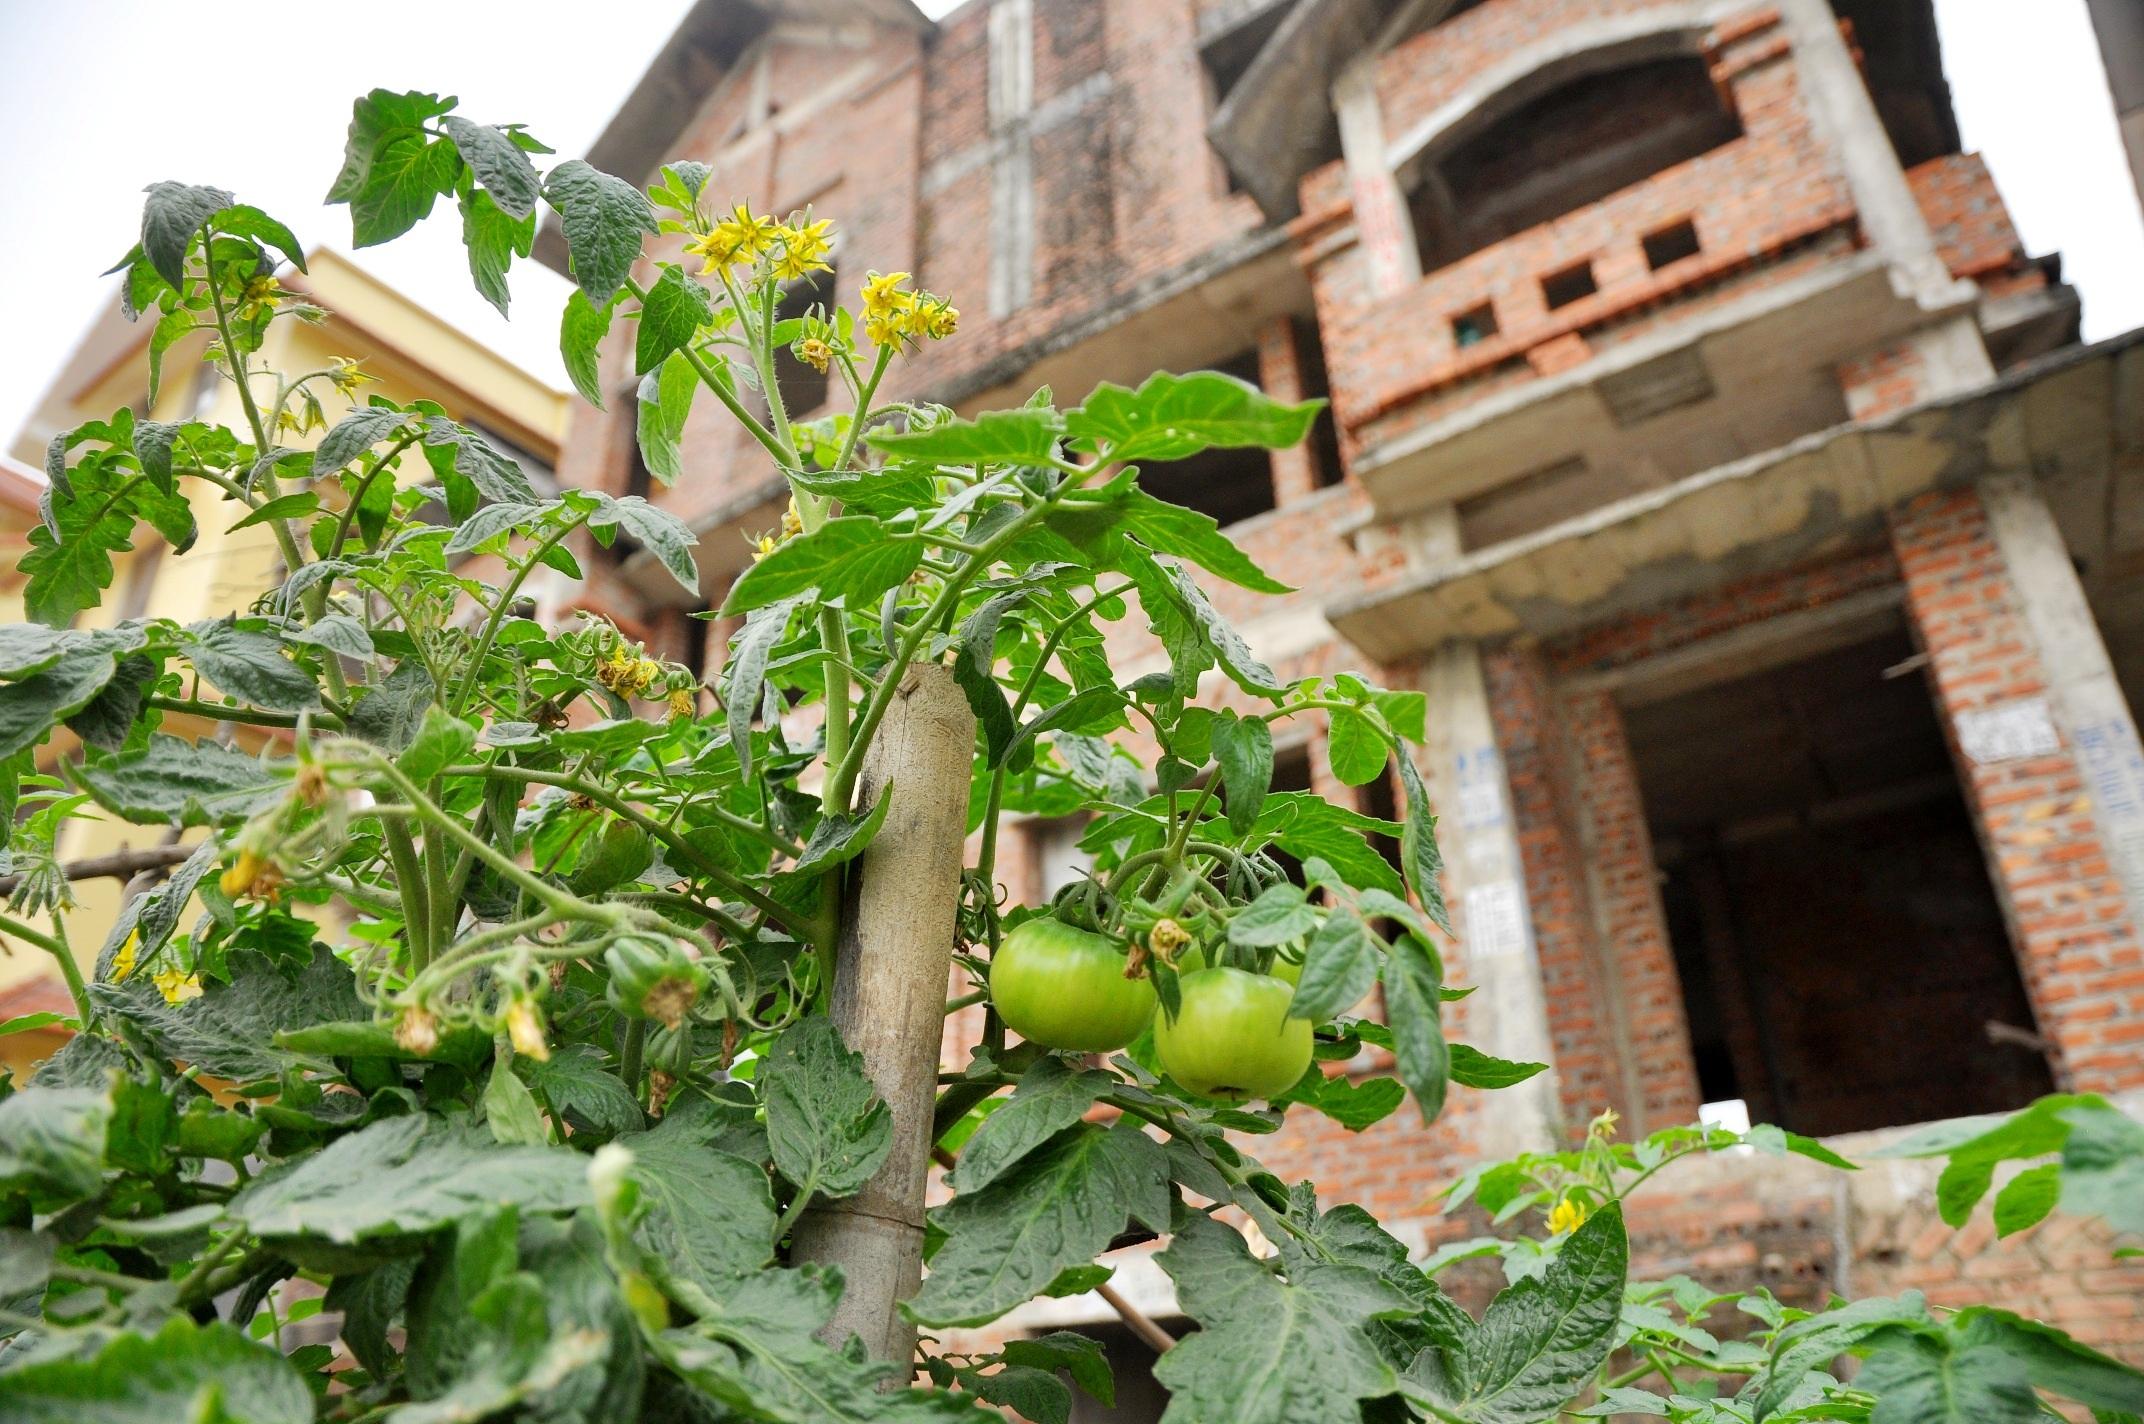 Khu đô thị Trung Văn nằm ở phía Tây Nam Hà Nội được hoàn thành cơ bản vào năm 2008, nhưng đến nay nhiều căn biệt thự vẫn bị bỏ trống, chưa có người ở. Tận dụng những khoảng đất trống quanh biệt thự, người dân quây rào trồng rau, nuôi vịt.